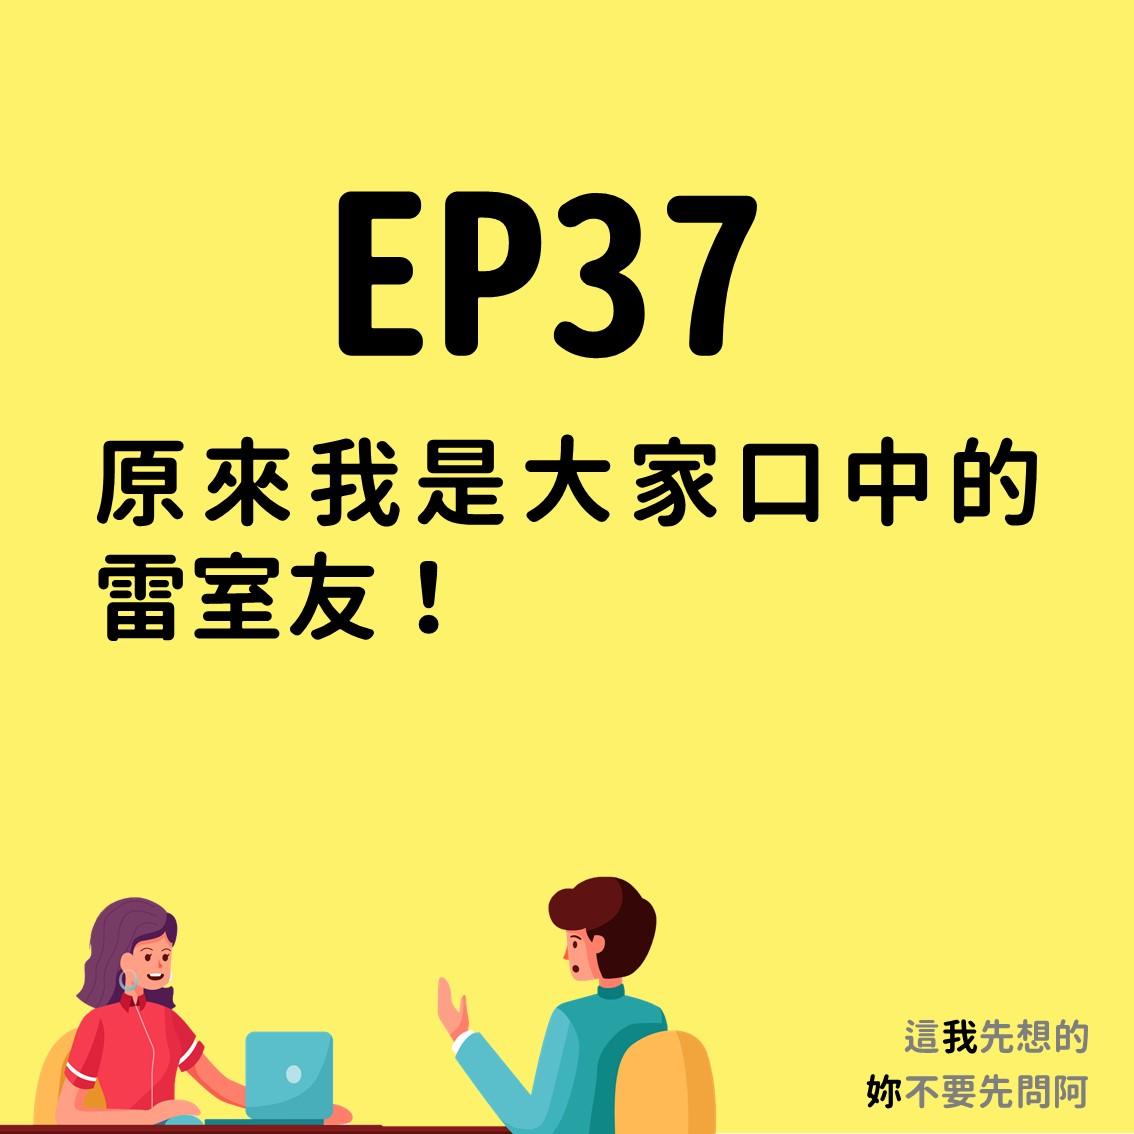 EP37 原來我是大家口中的雷室友!